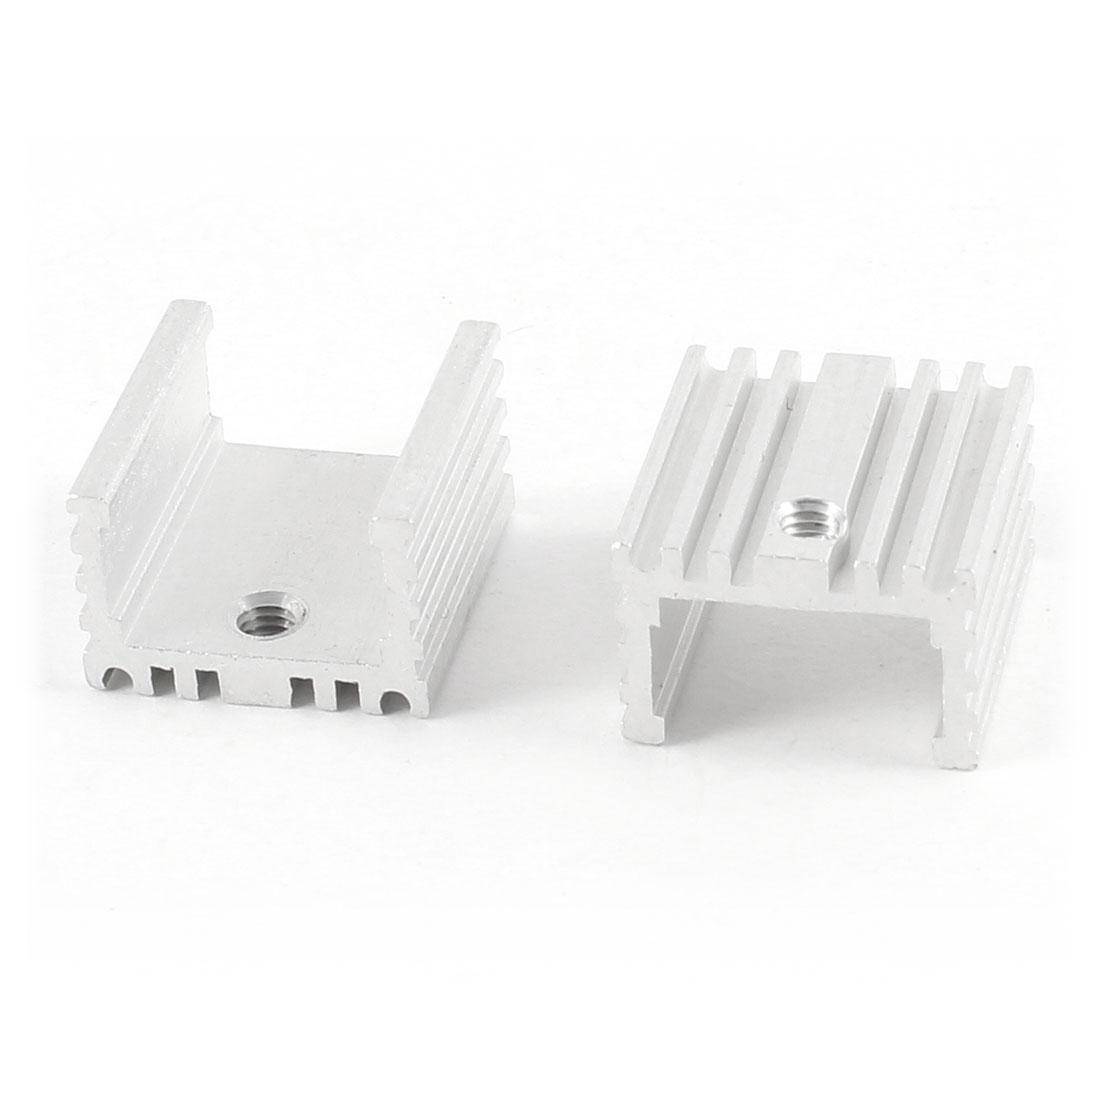 2 Pcs 16mm x 15mm x 10mm Heatsink Heat Dissipation Aluminium Cooling Fin